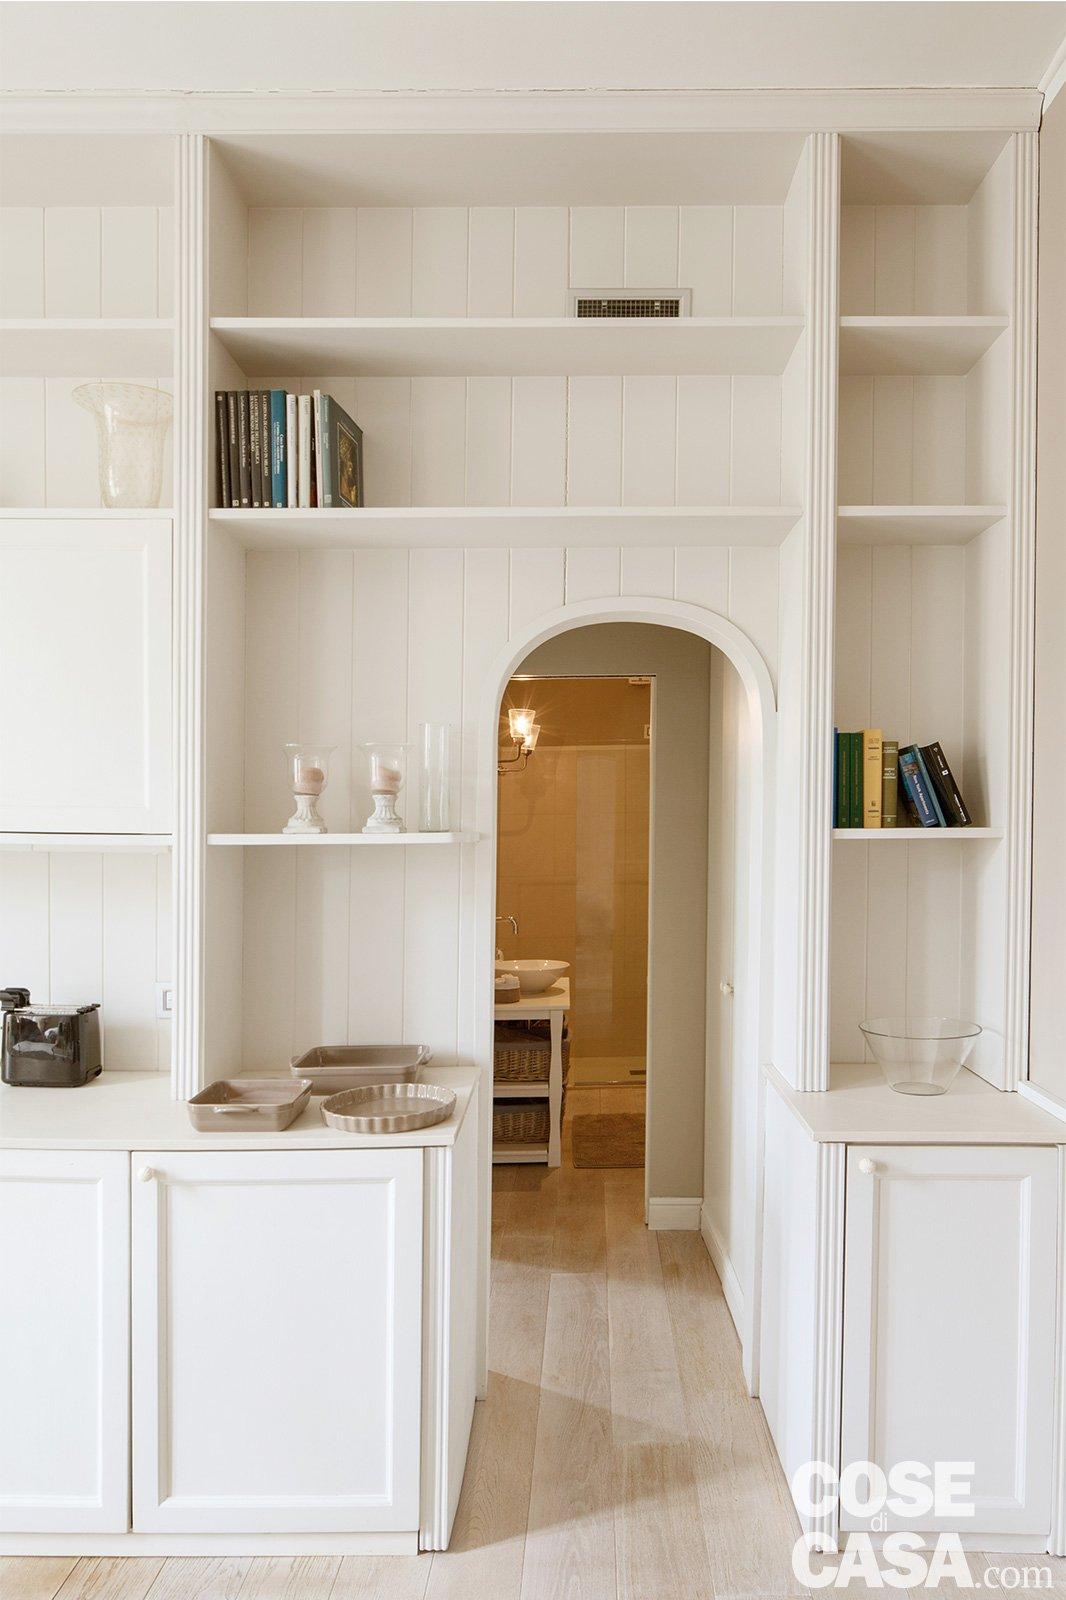 Bilocale di 43 mq: mini spazi ben sfruttati, nella casa con ...